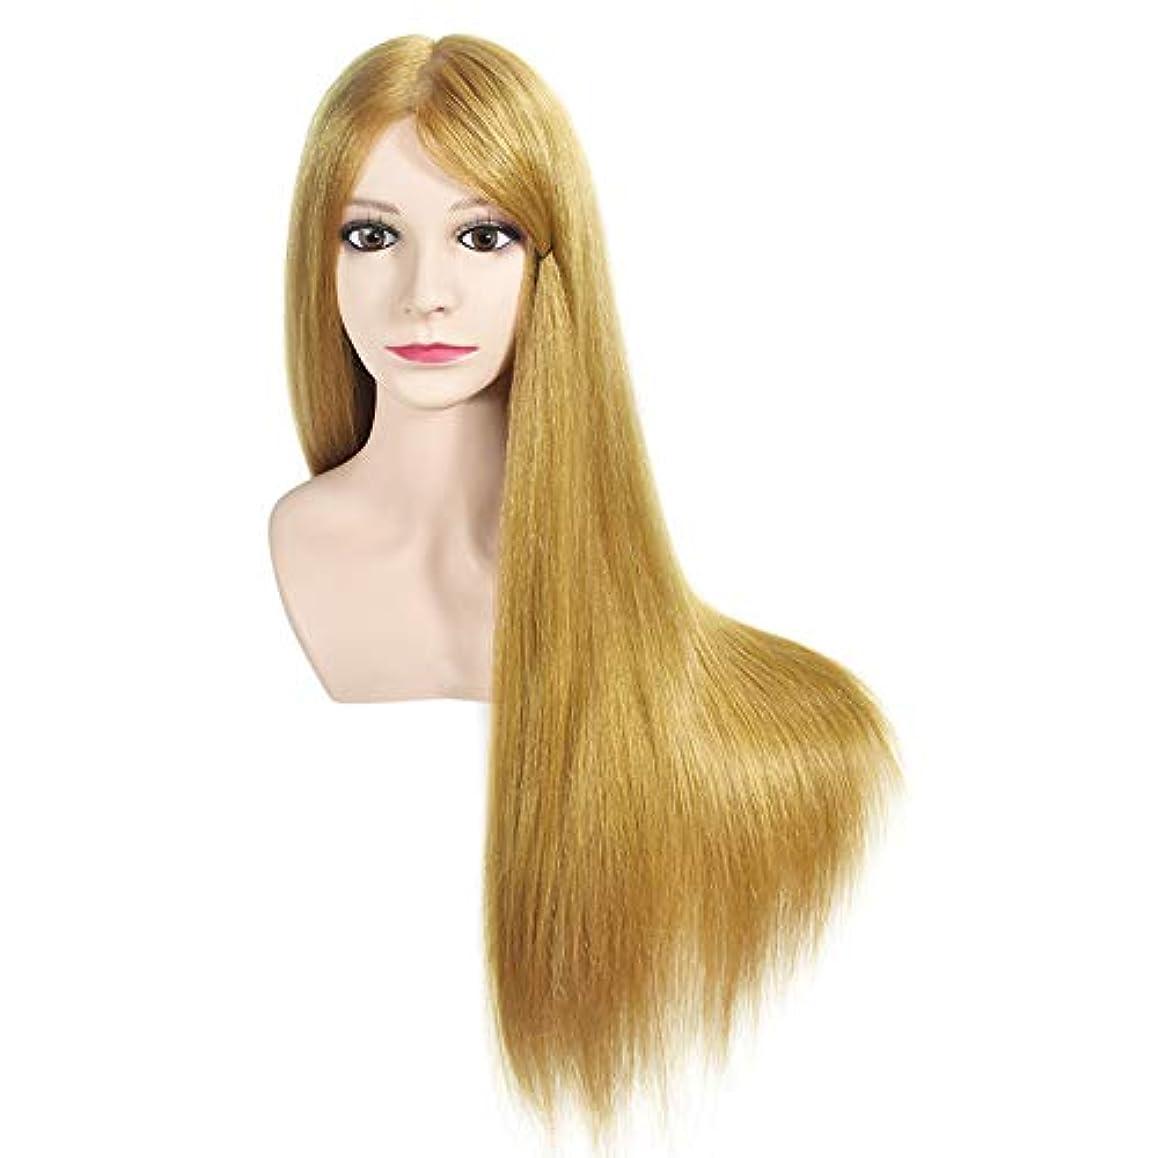 若い財産壮大なサロンヘアブレイド理髪指導ヘッドスタイリング散髪ダミーヘッド化粧学習ショルダーマネキンヘッド